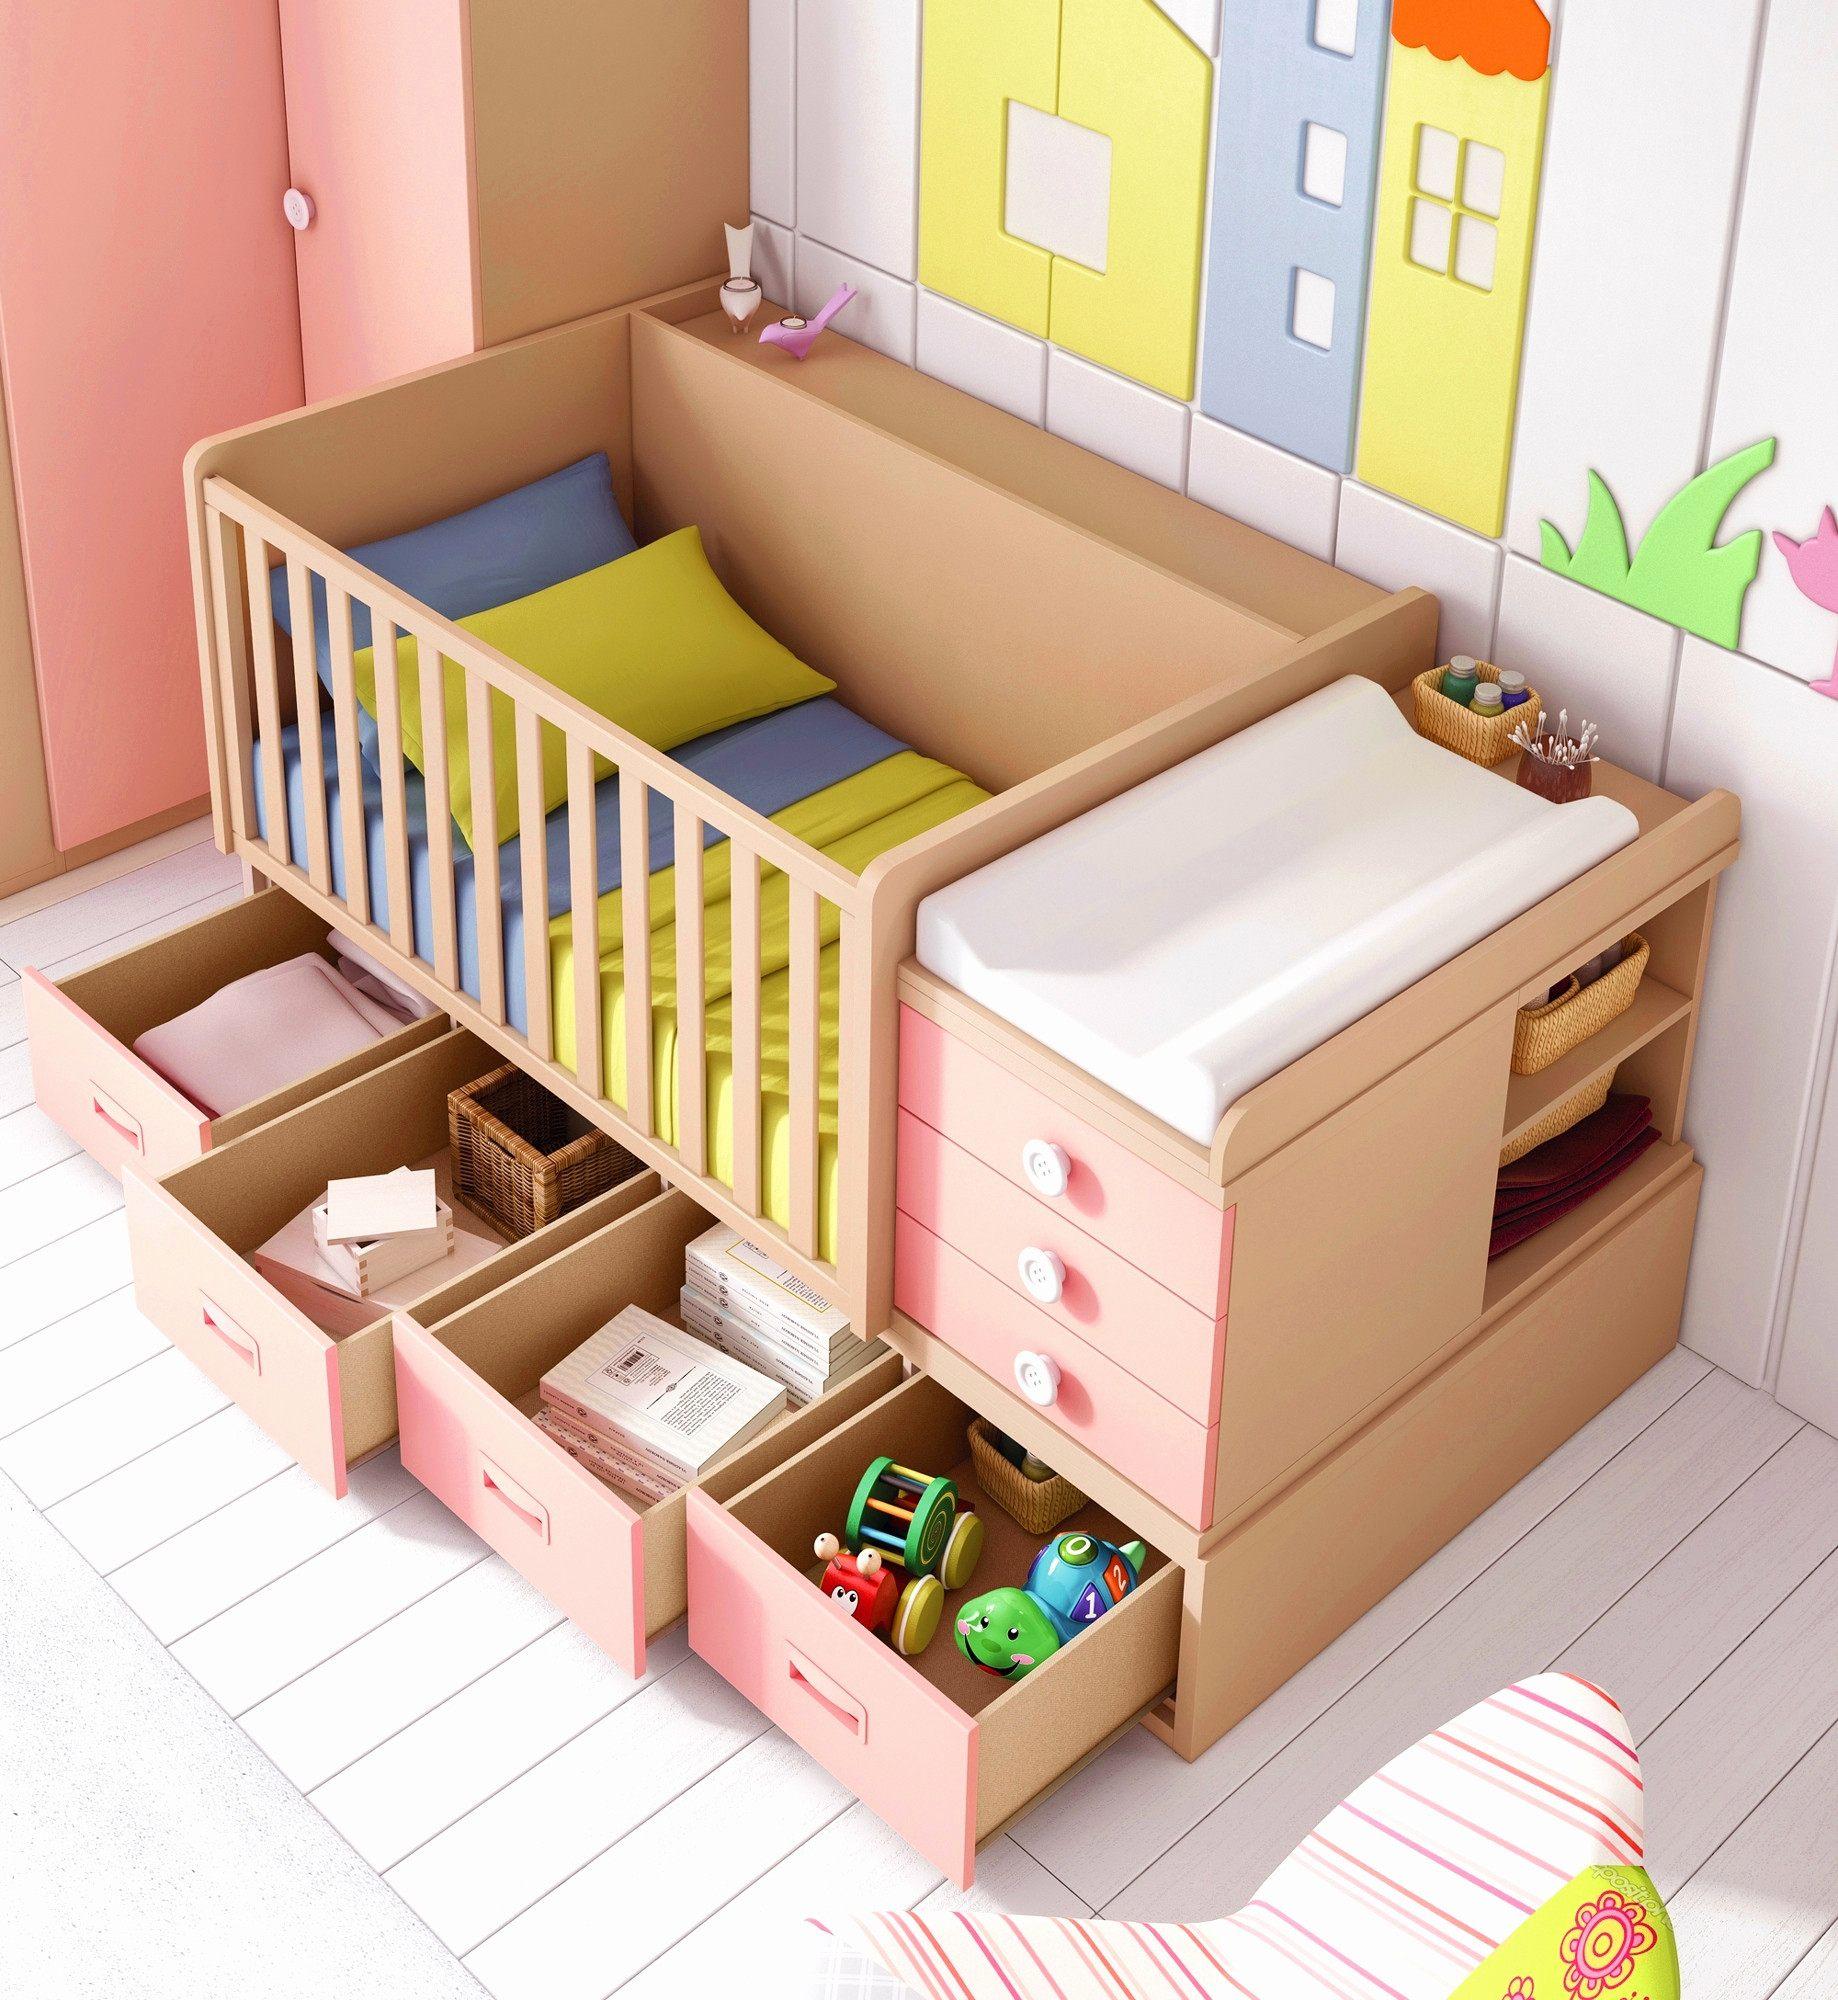 Lit Bébé Convertible Douce Meilleur Lit Pour Bébé Support Pour Baignoire Bébé Elegant Mode Bébé